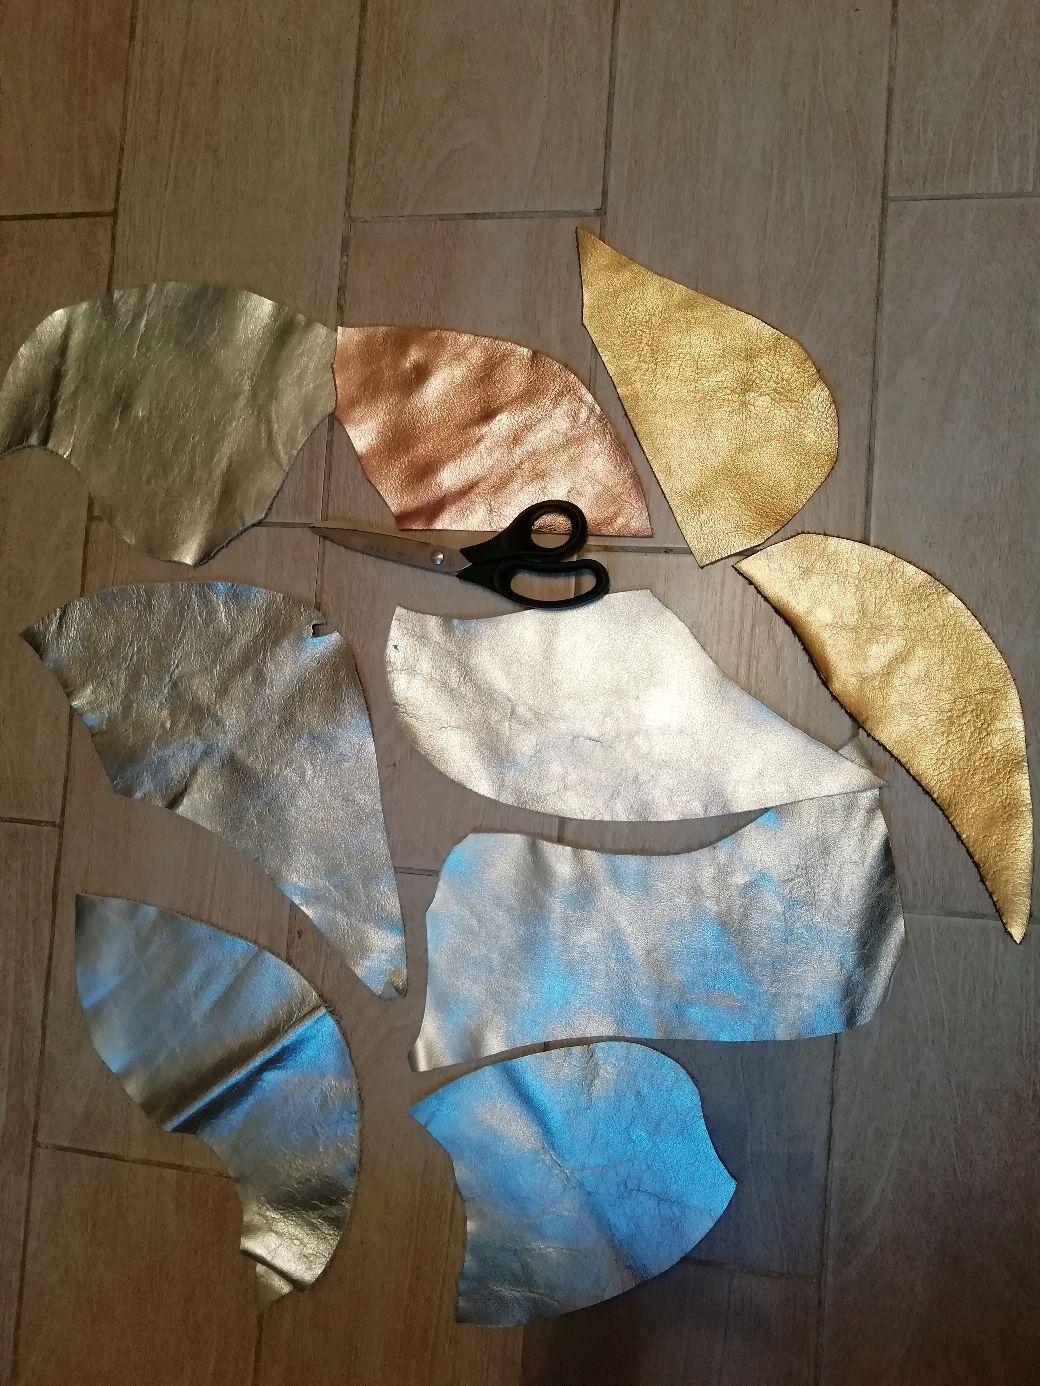 Аппликации, вставки, отделка ручной работы. Ярмарка Мастеров - ручная работа. Купить Лоскуты кожи, лот А 326, толщина 1,5 мм, вес 0,4 кг. Handmade.